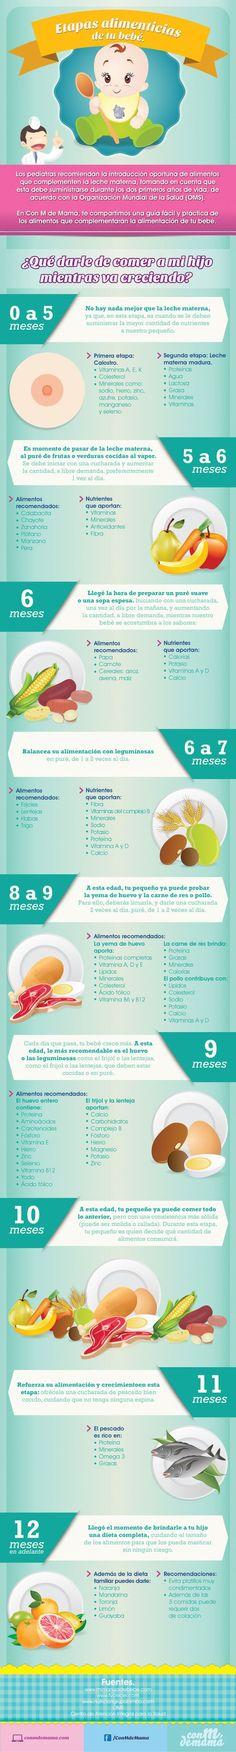 Todo lo que debes saber sobre la alimentación de tu bebé ;)